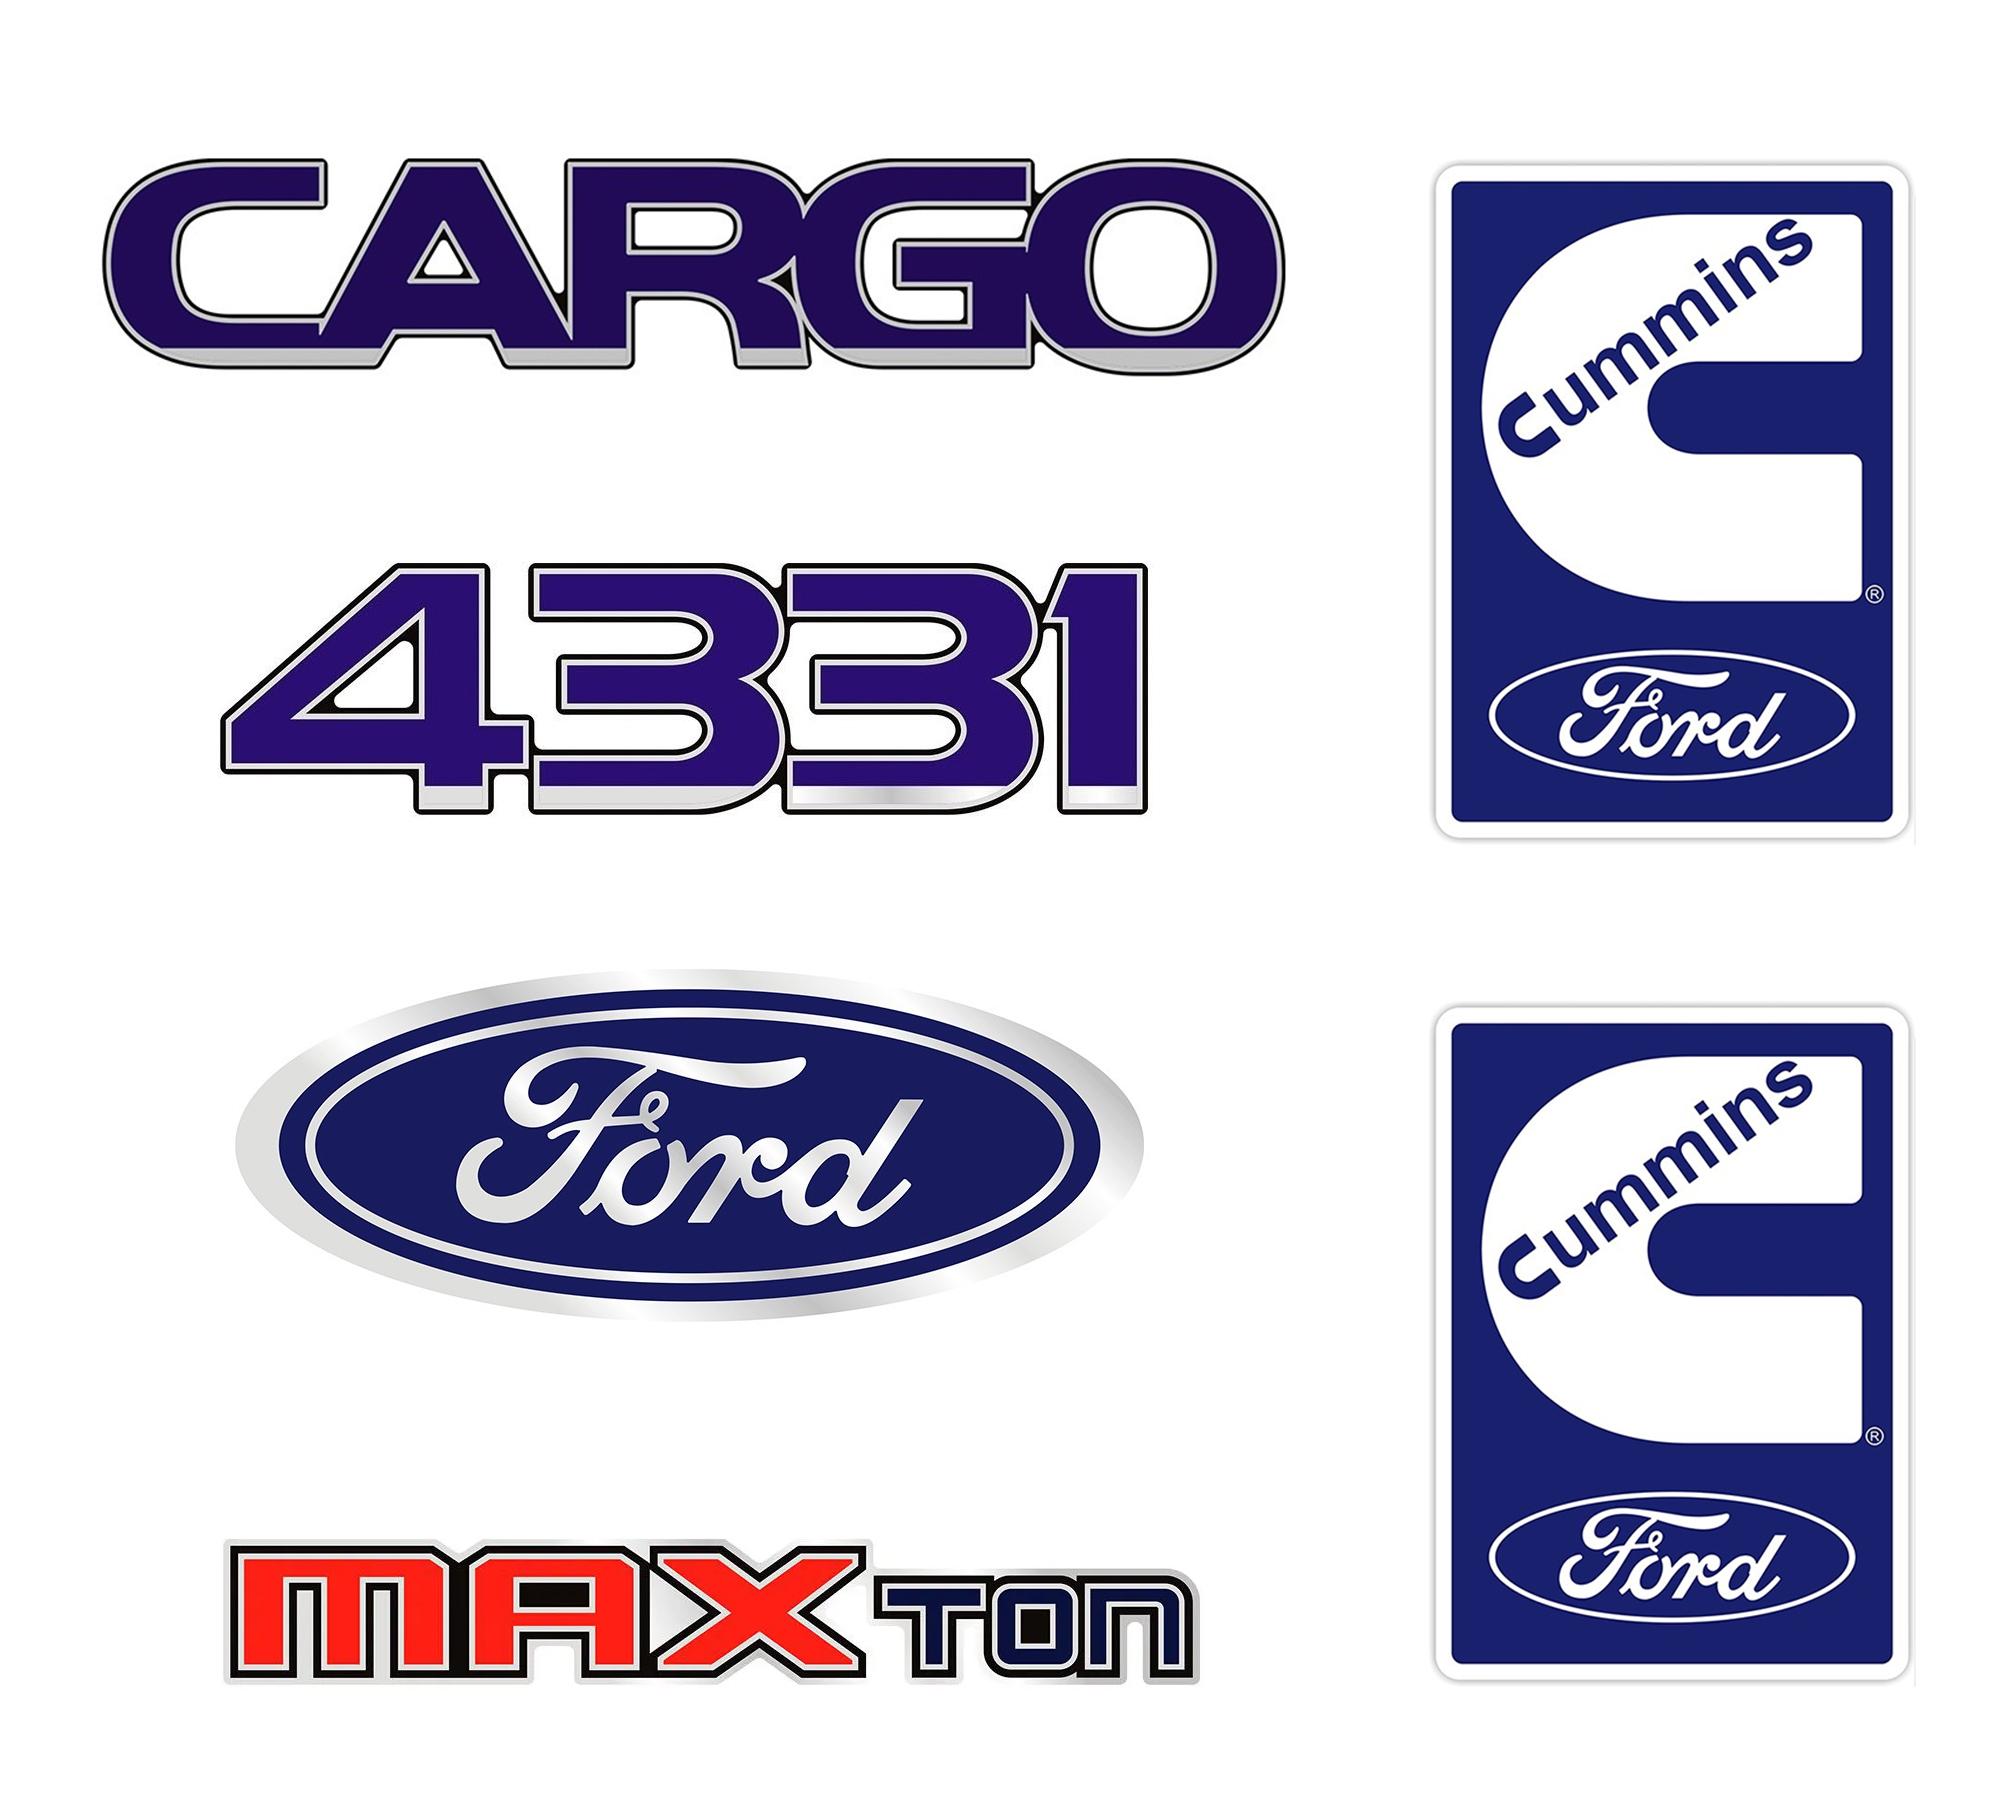 Emblema Ford Cargo 4331 Cummins Maxton - Kit